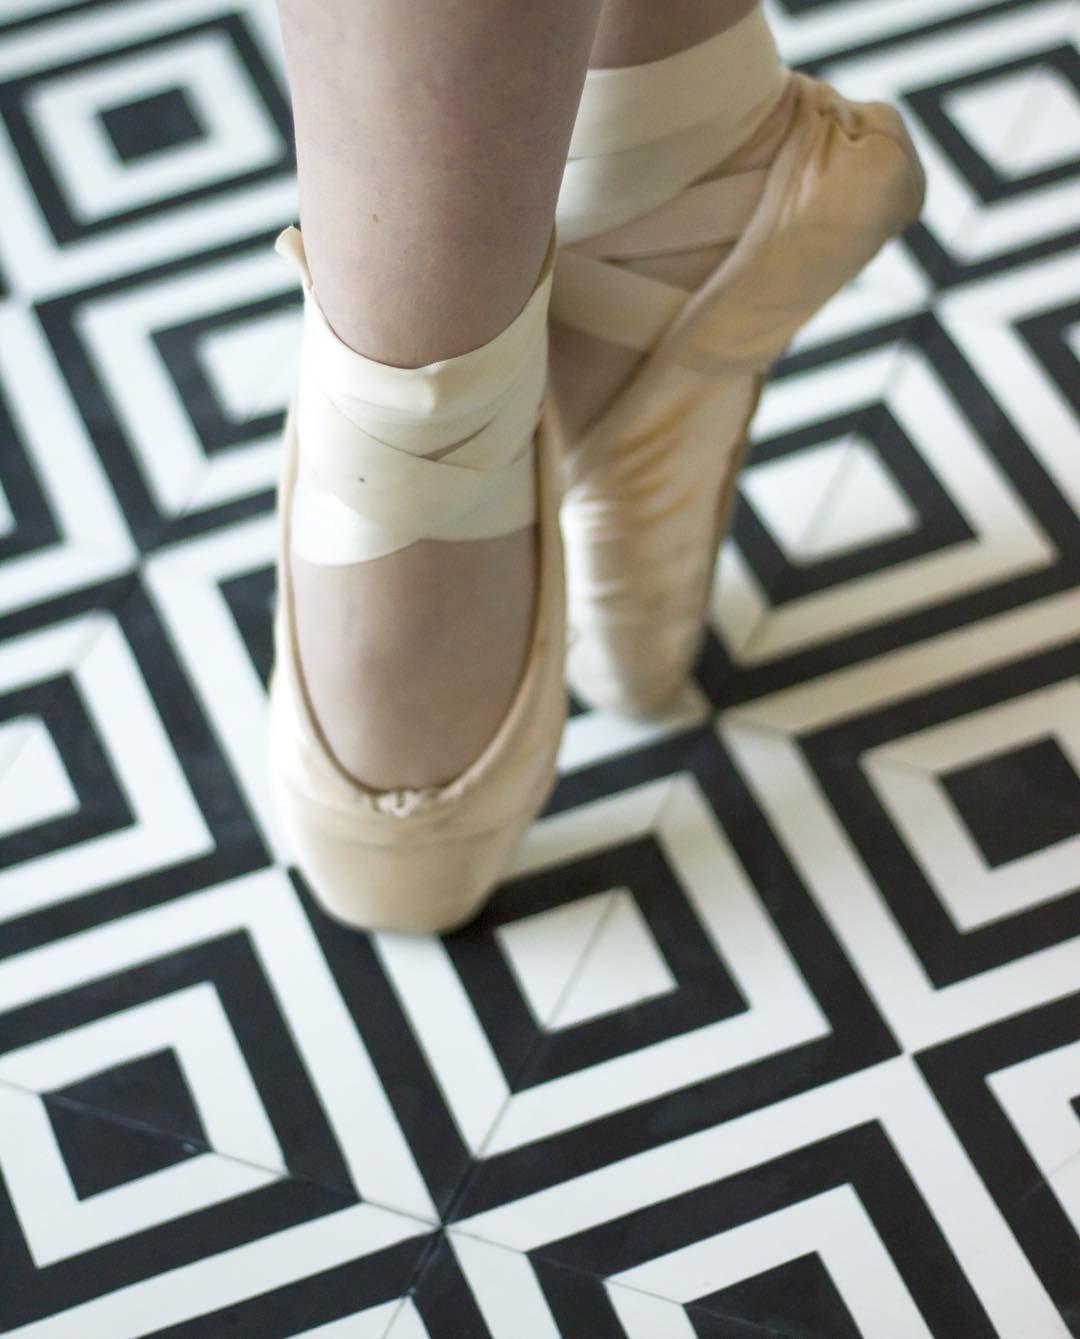 Klassisk søndag i dag Lekkert med Retro-fliser på gulvet! #designflis #marokkanskefliser #soukbergen #tile #tileaddiction #fliseinspo #lisaballerina #klassisk #ballet by souk_bergen